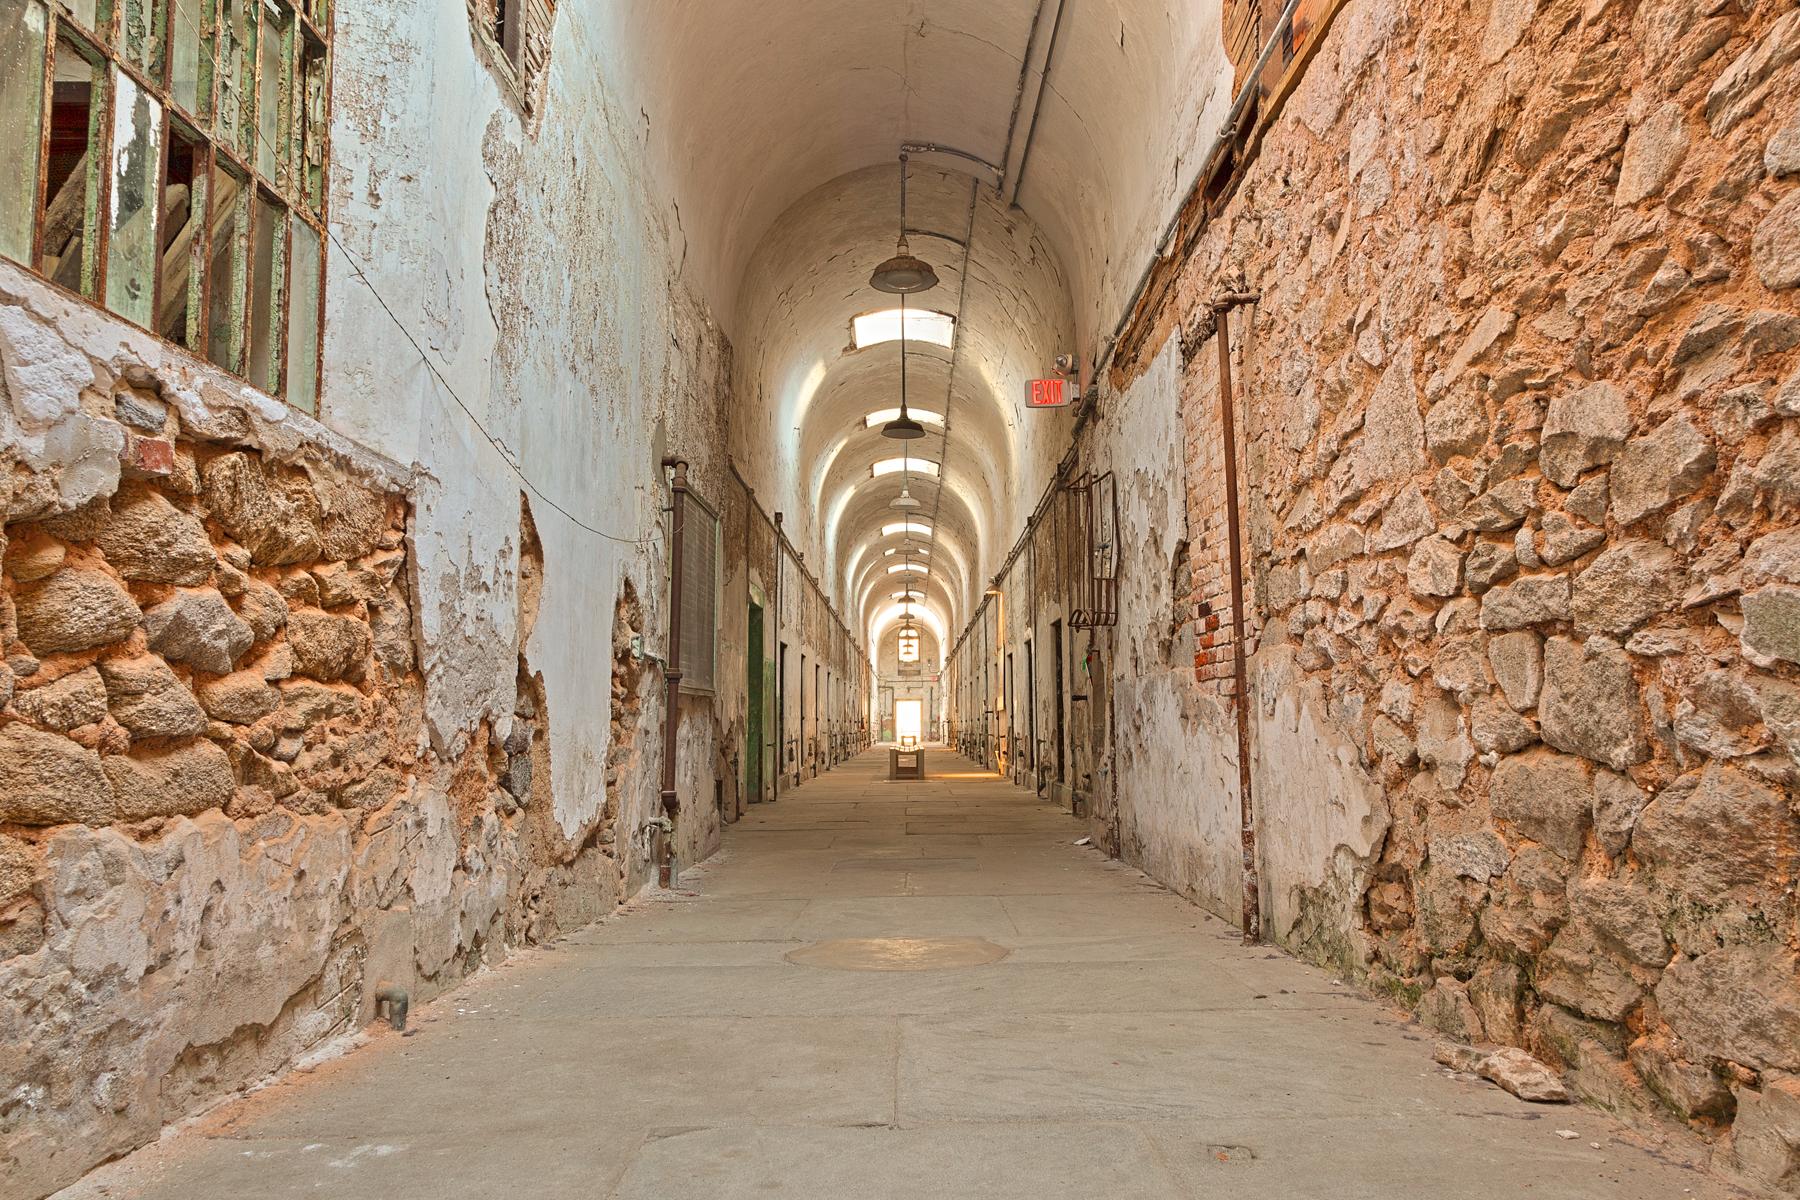 Prison corridor - hdr photo